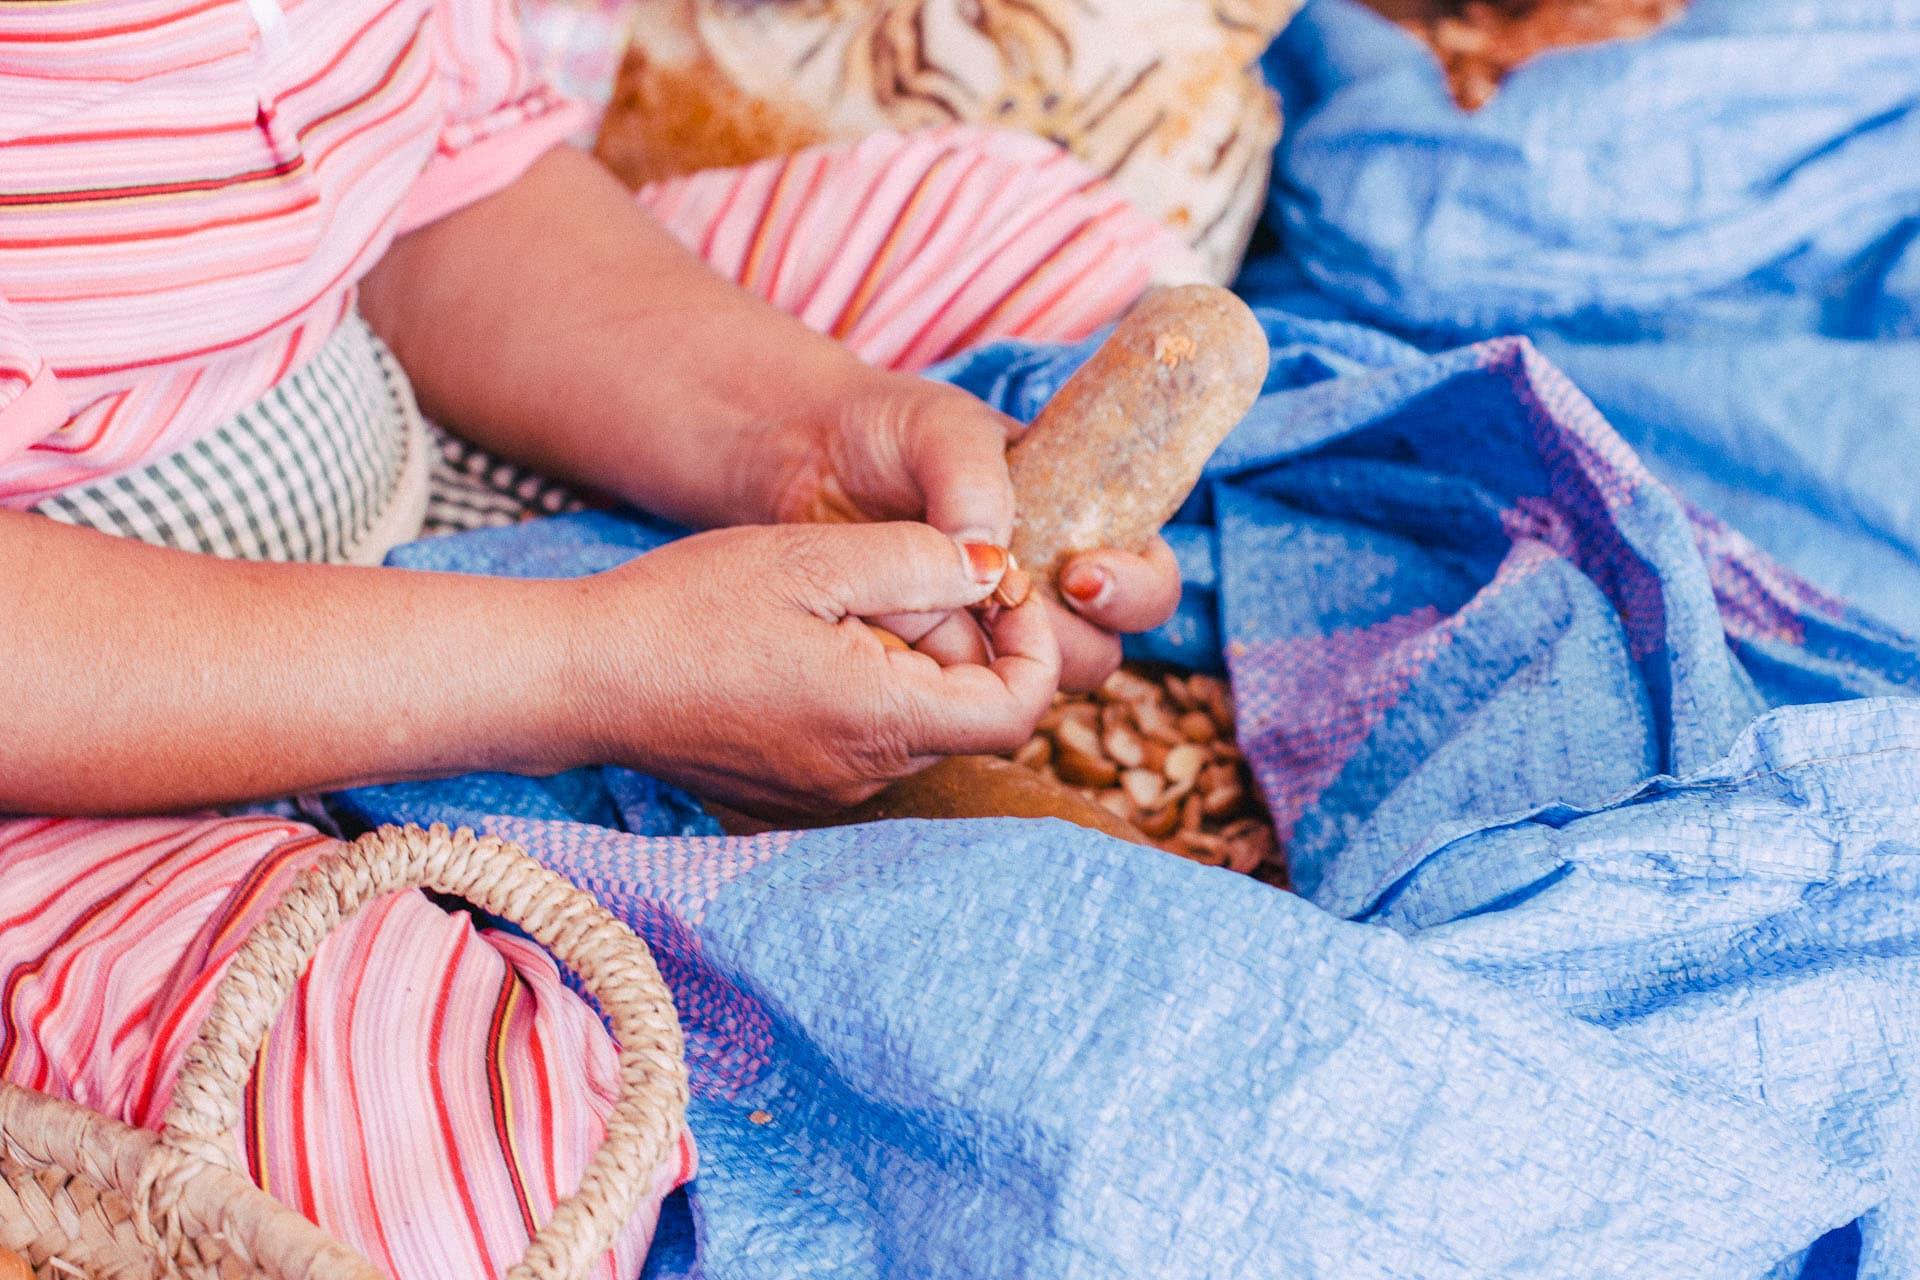 سحر الحياة البسيطة.. استكشف كيفية إنتاج هذا السائل الذهبي الثمين بهذه المزرعة بالمغرب